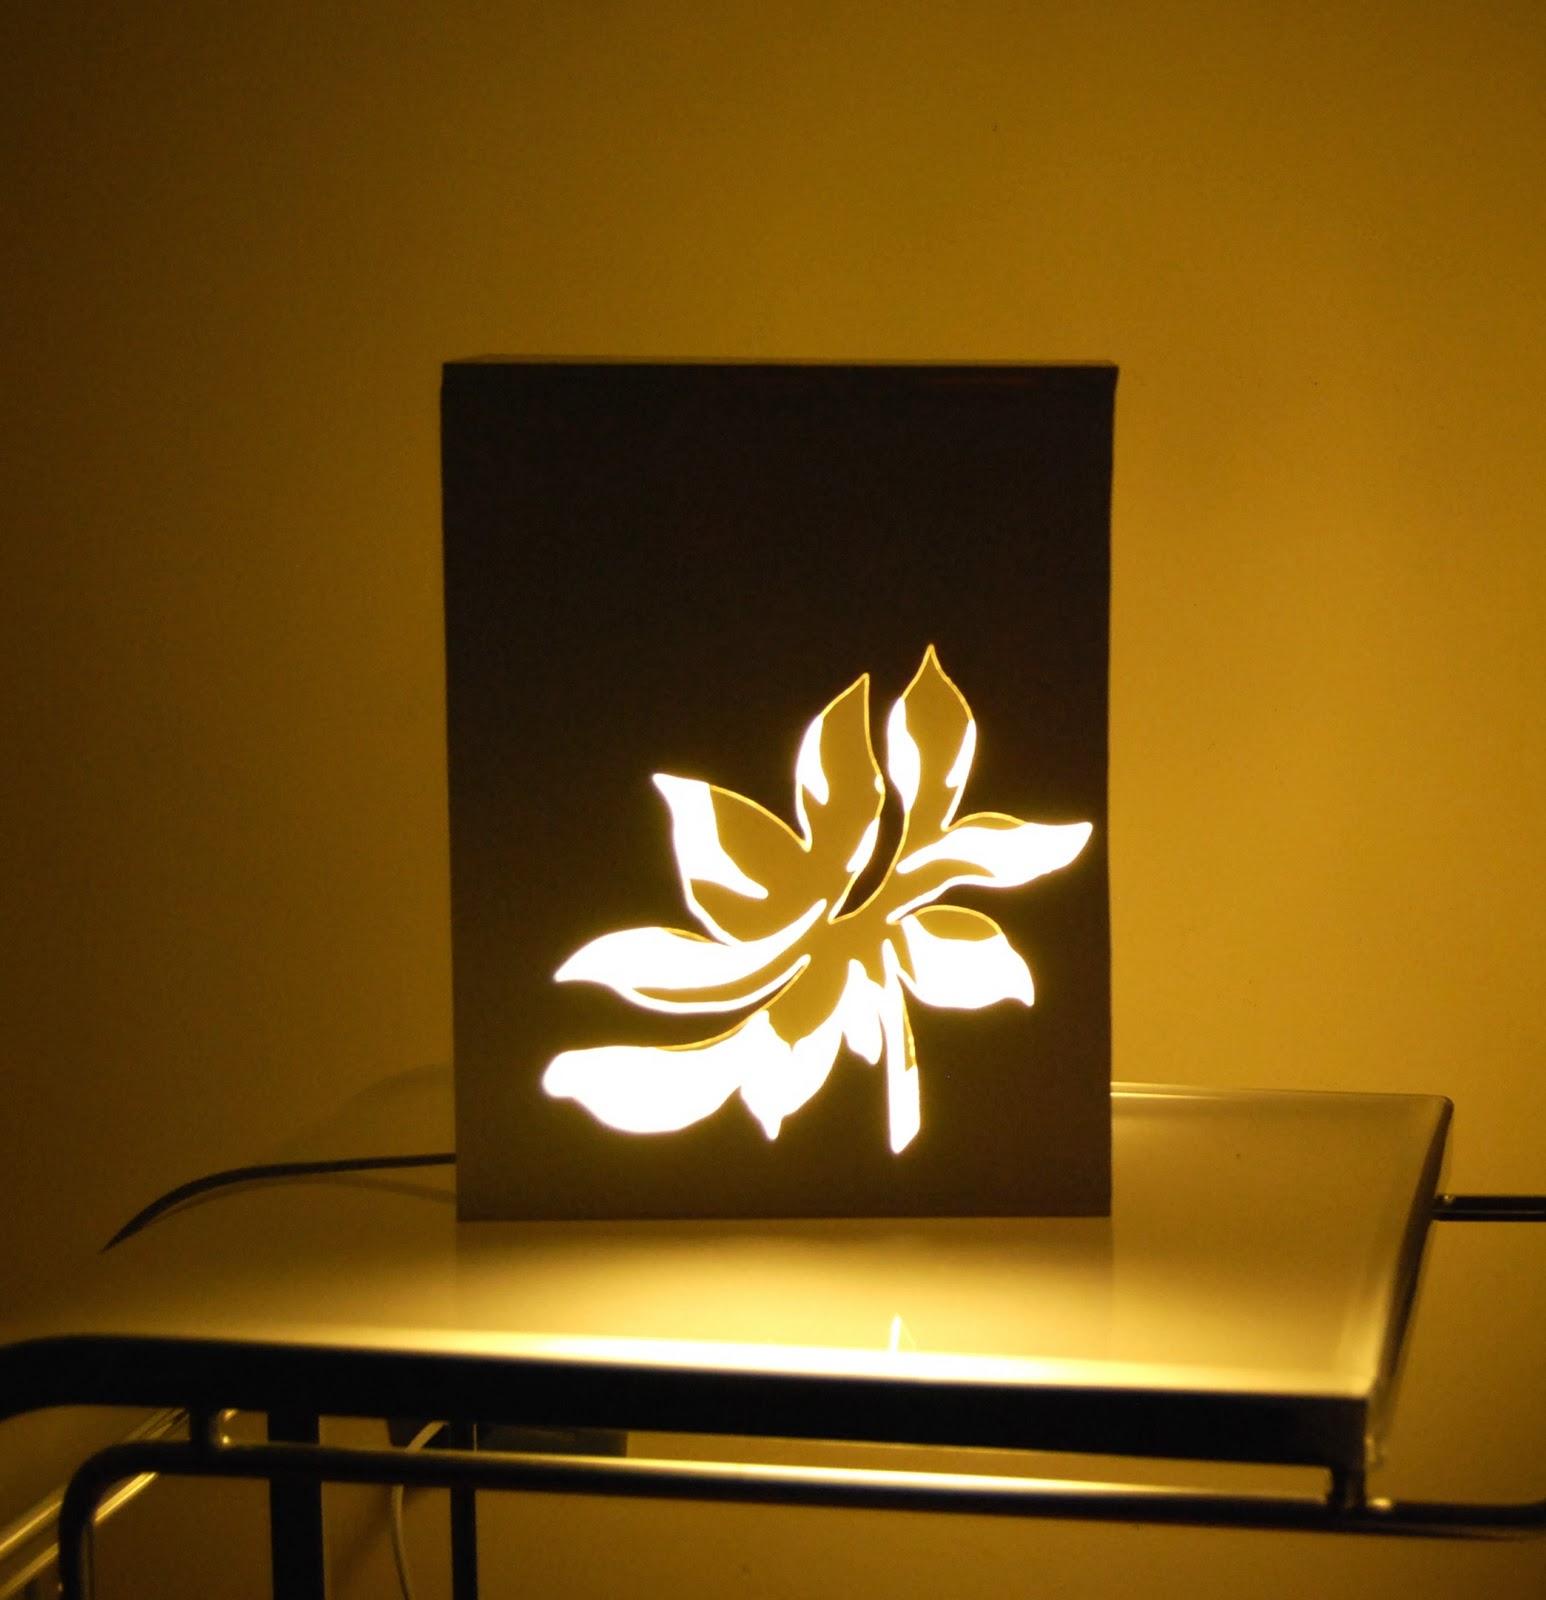 Lampade Etniche Amazon: Lampade da soffitto etniche lampada parete a led professionale.